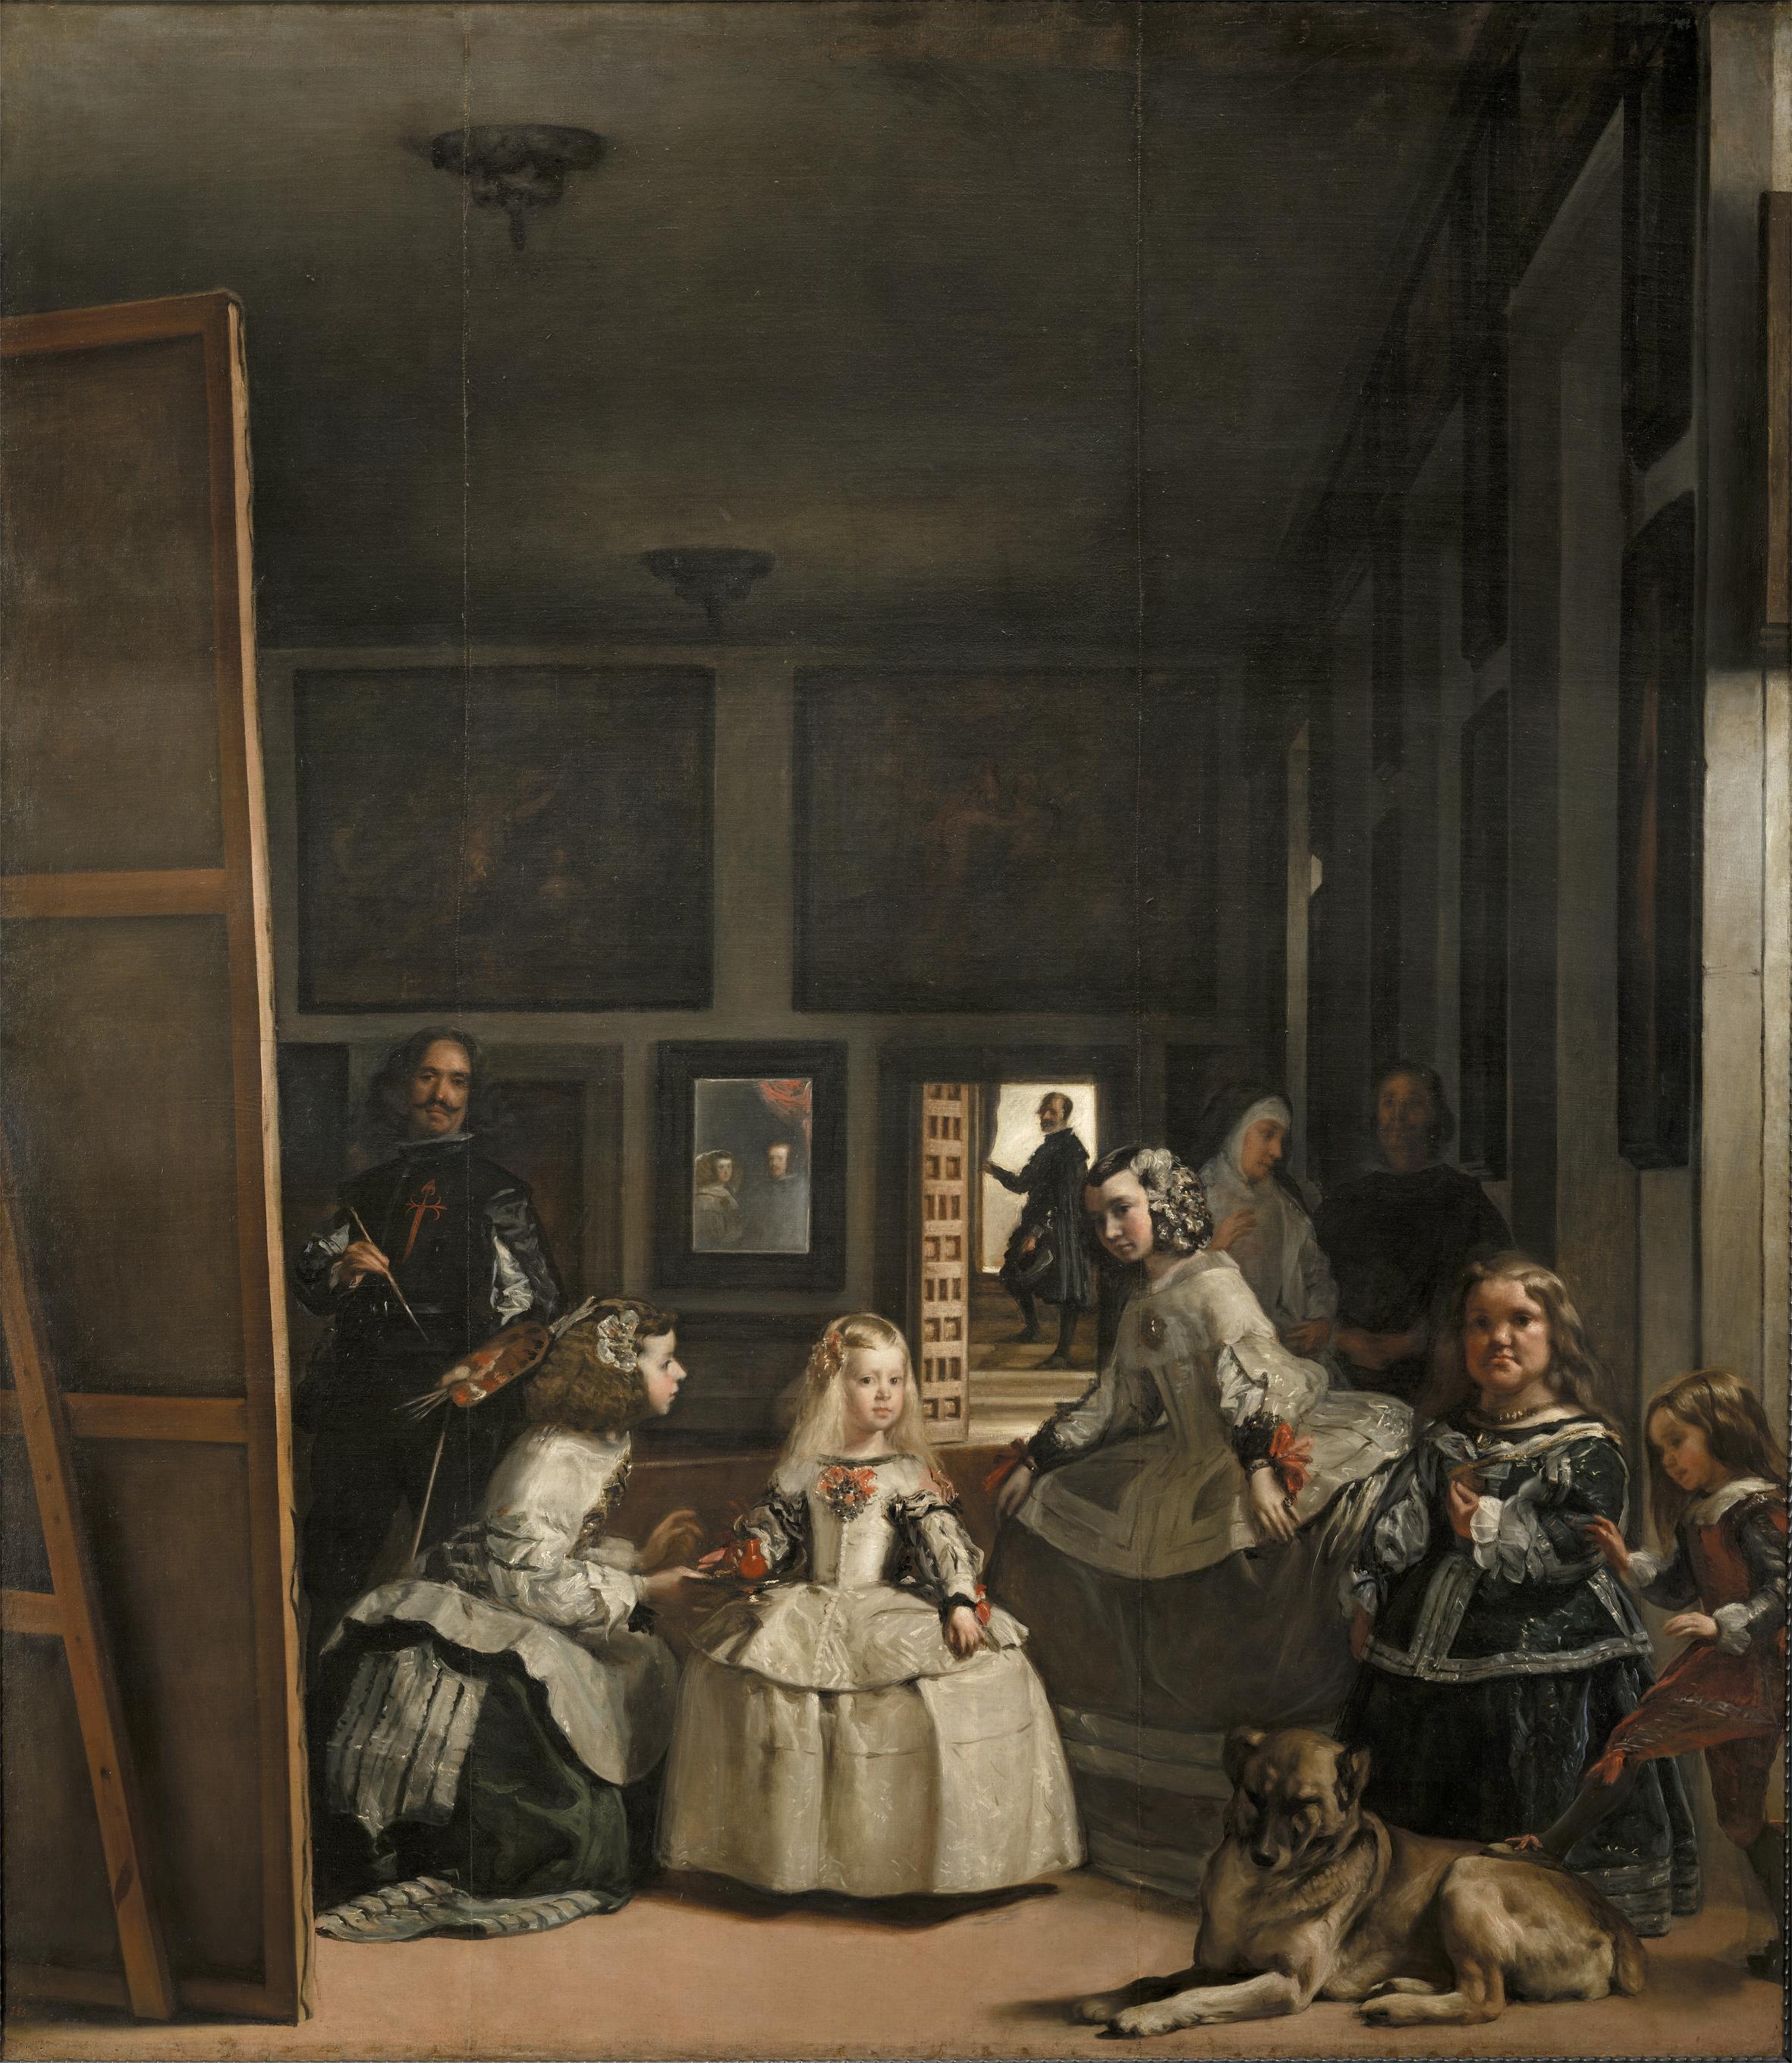 Las meninas o La familia de Felipe IV, Diego Velázquez, 1656